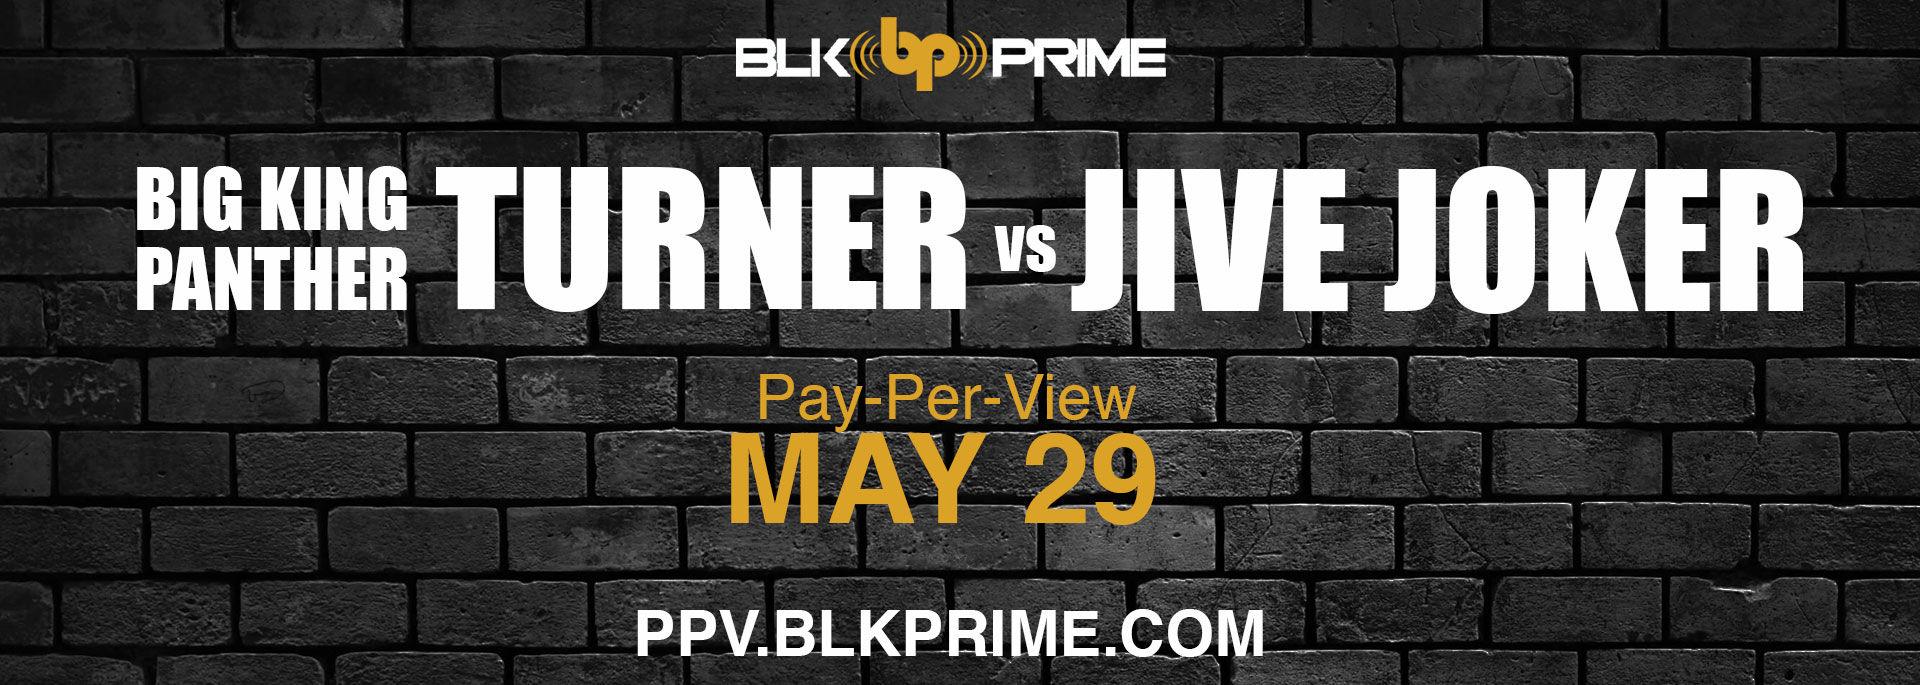 Big King Panther Turner Vs Jive Joker